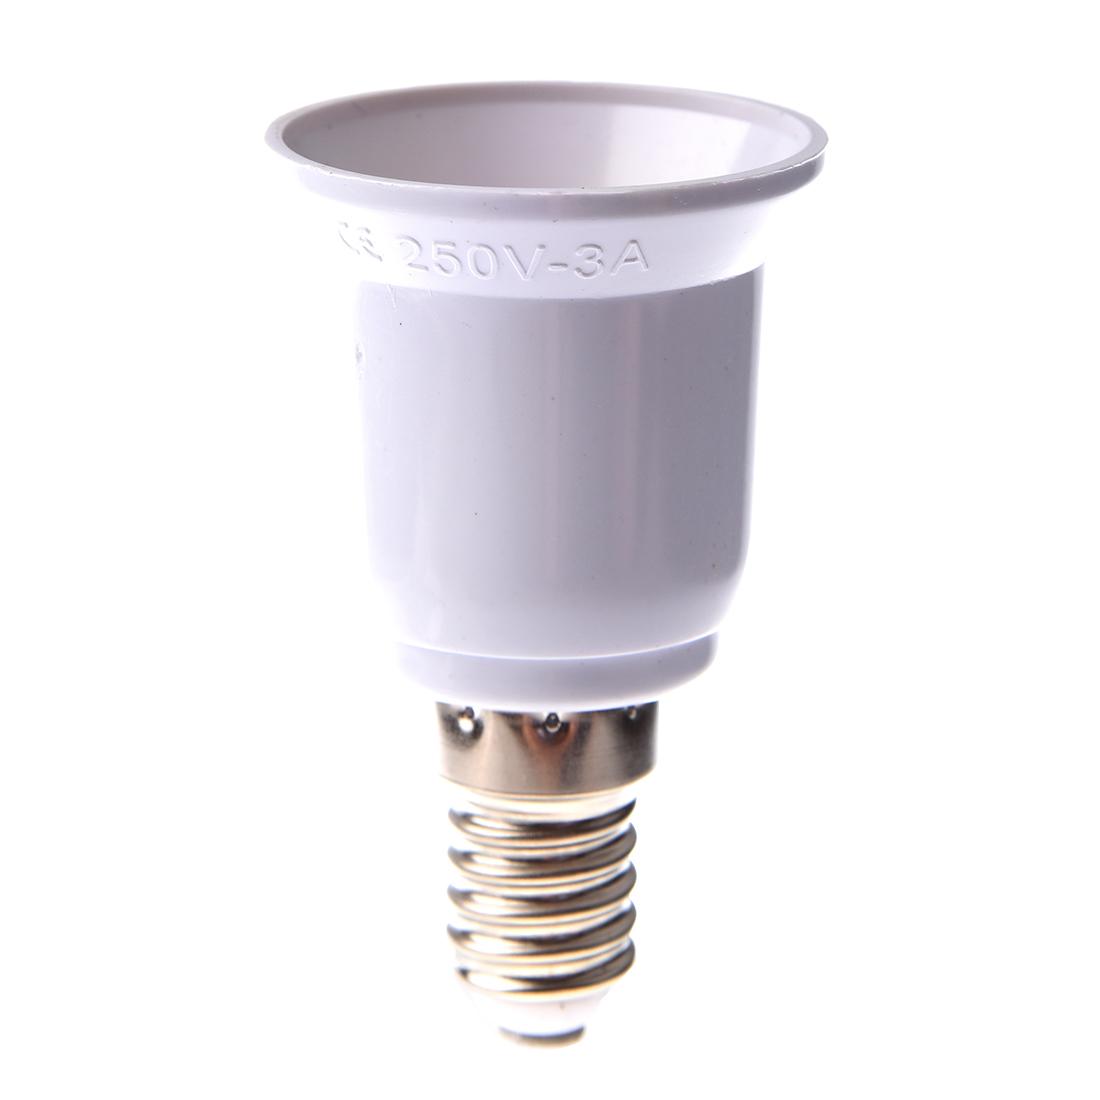 adaptateurs douille e14 e27 ampoule lampe led culot eclairage convertisseur ebay. Black Bedroom Furniture Sets. Home Design Ideas